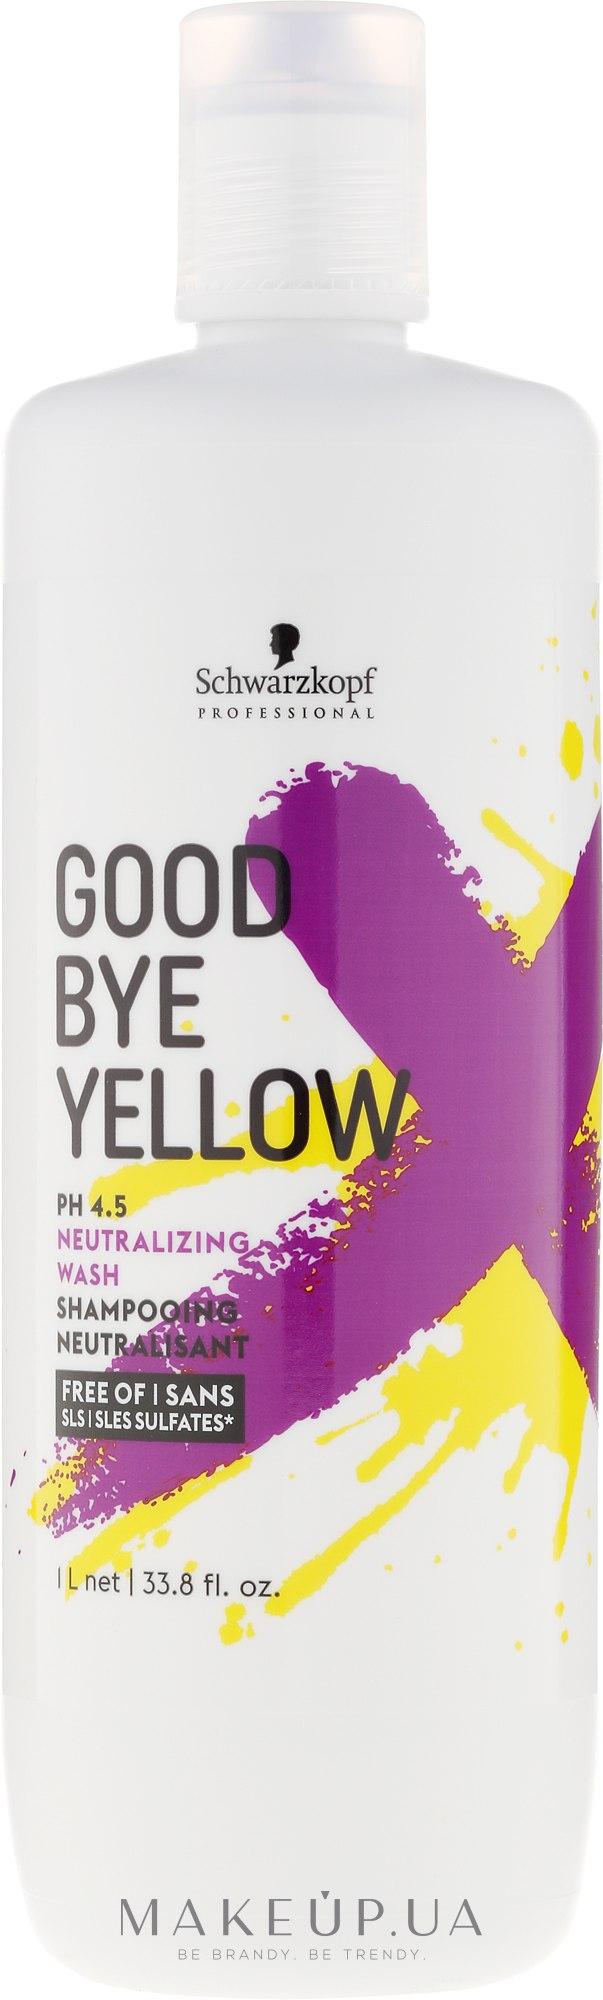 Безсульфатный шампунь с антижелтым эффектом - Schwarzkopf Professional Goodbye Yellow Shampoo — фото 1000ml